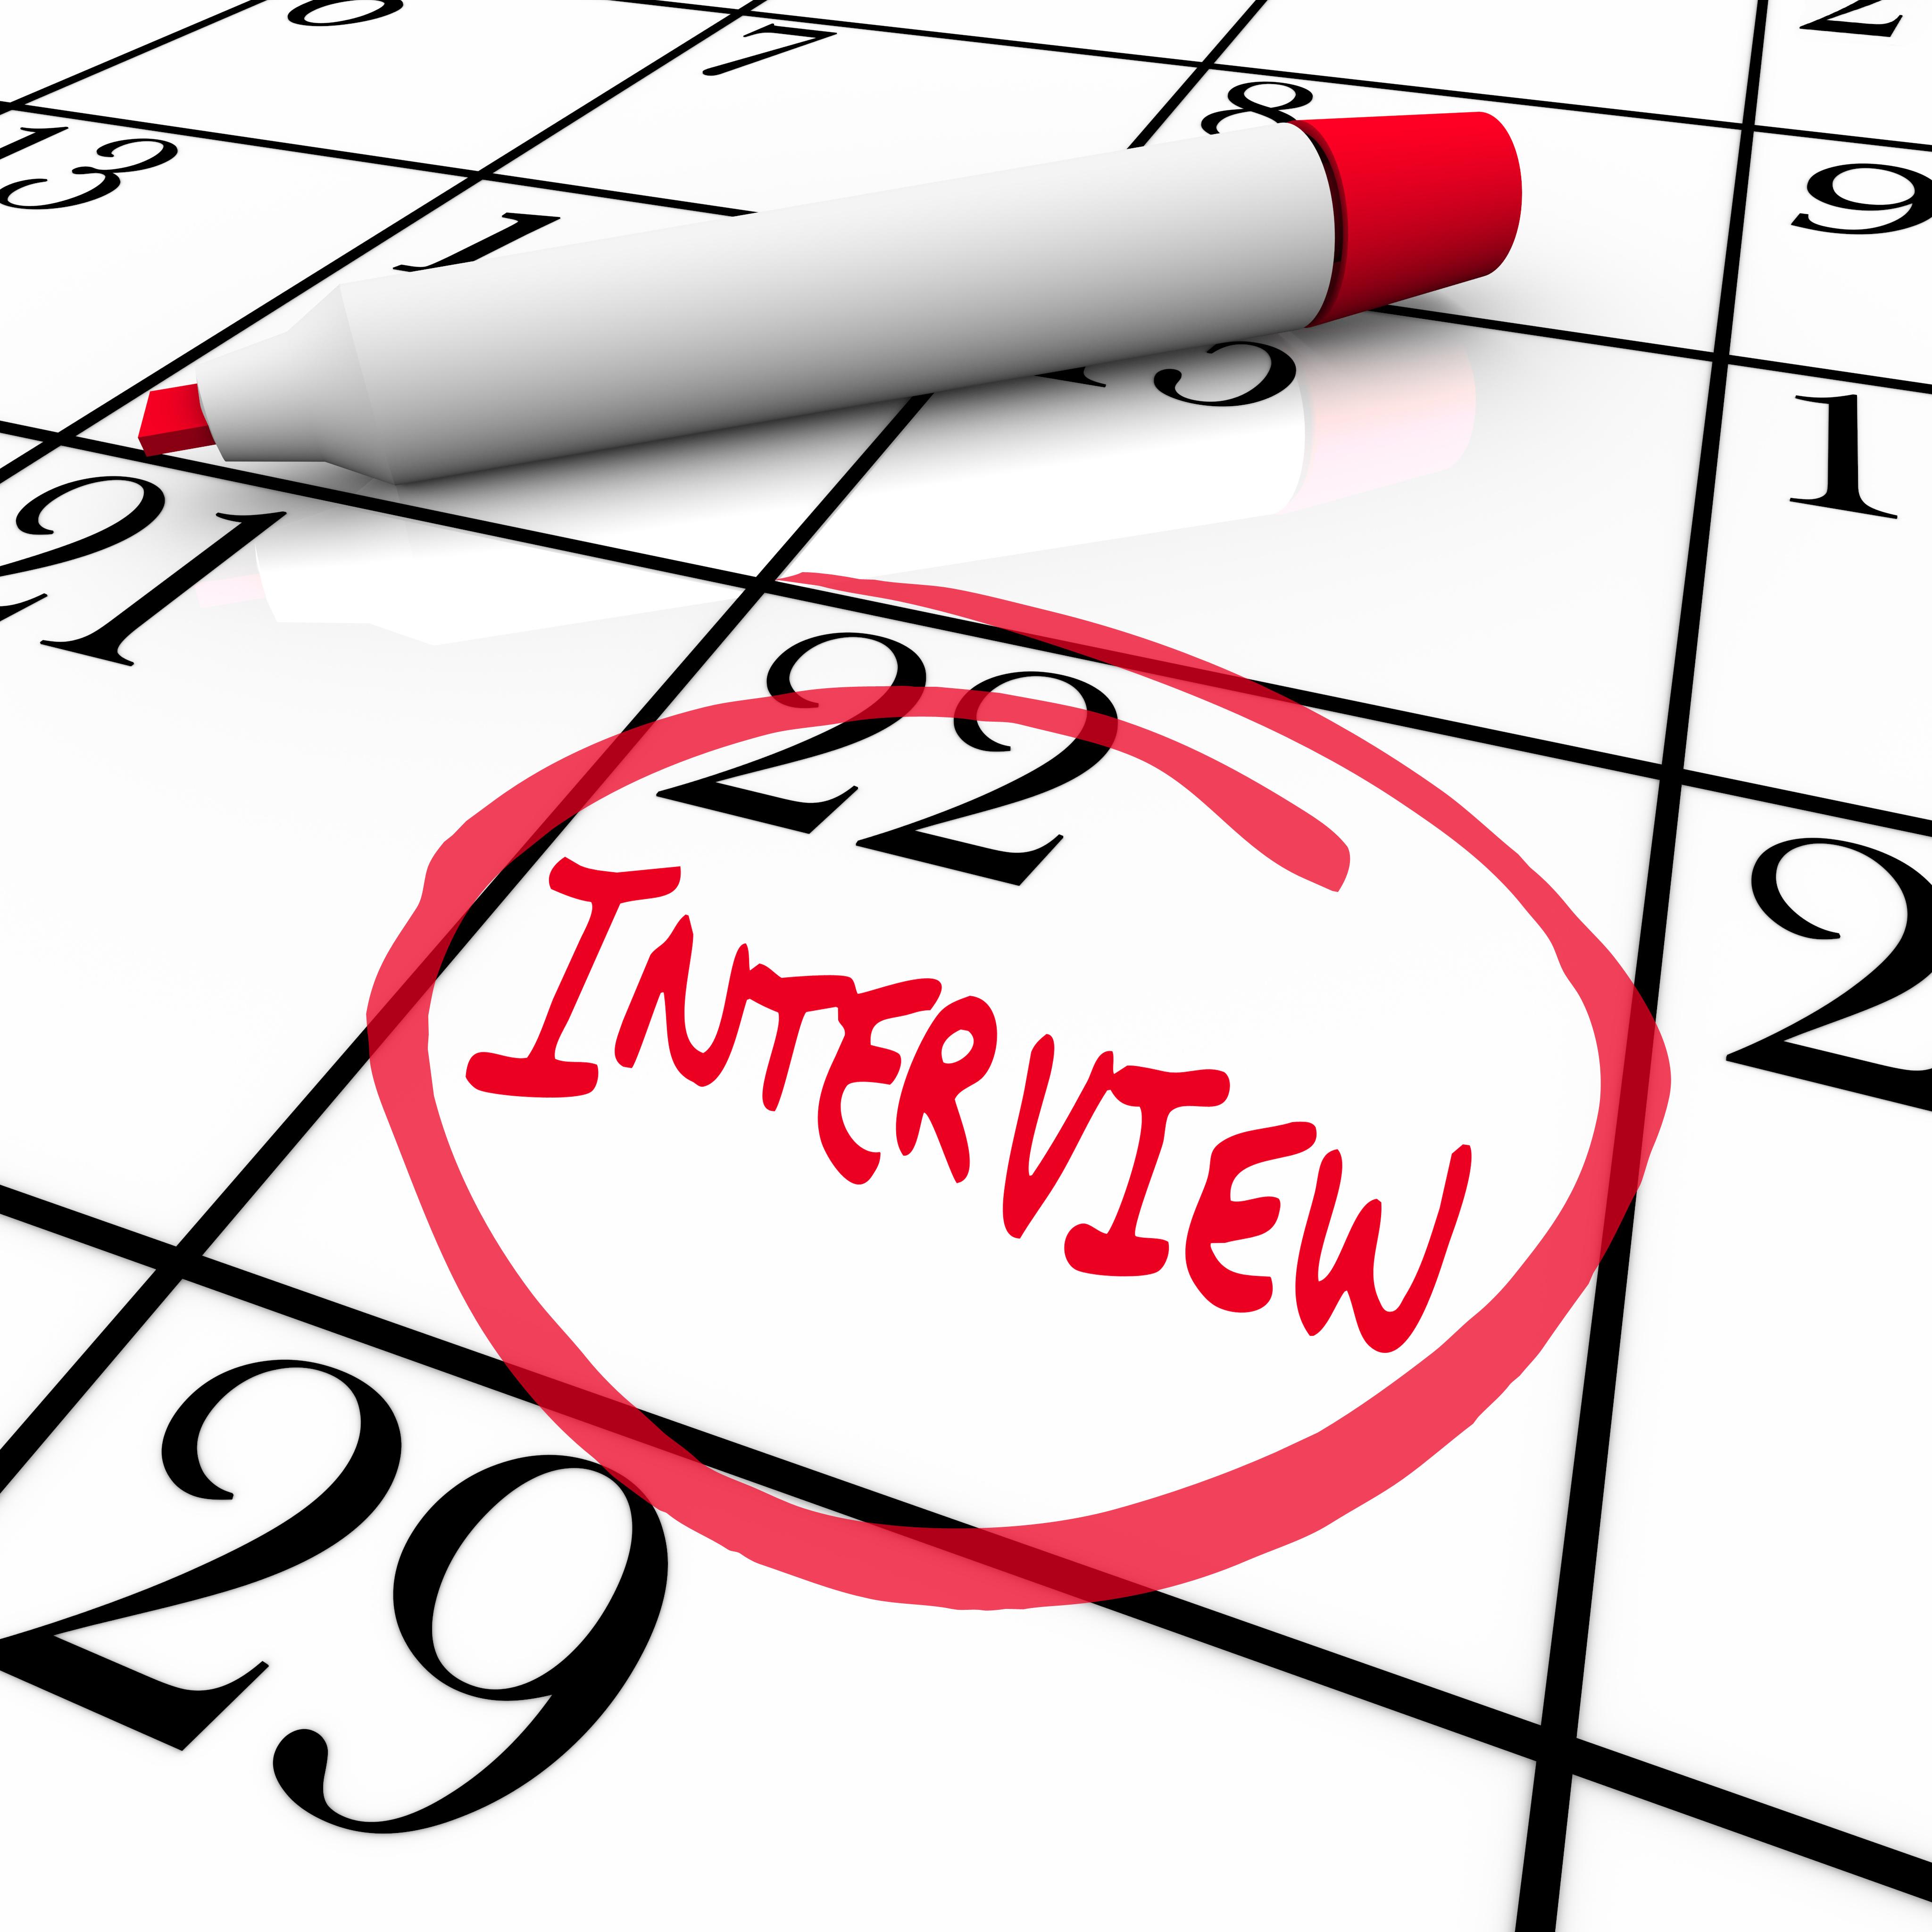 Interview Day Circled on Calendar - Meet New Employer